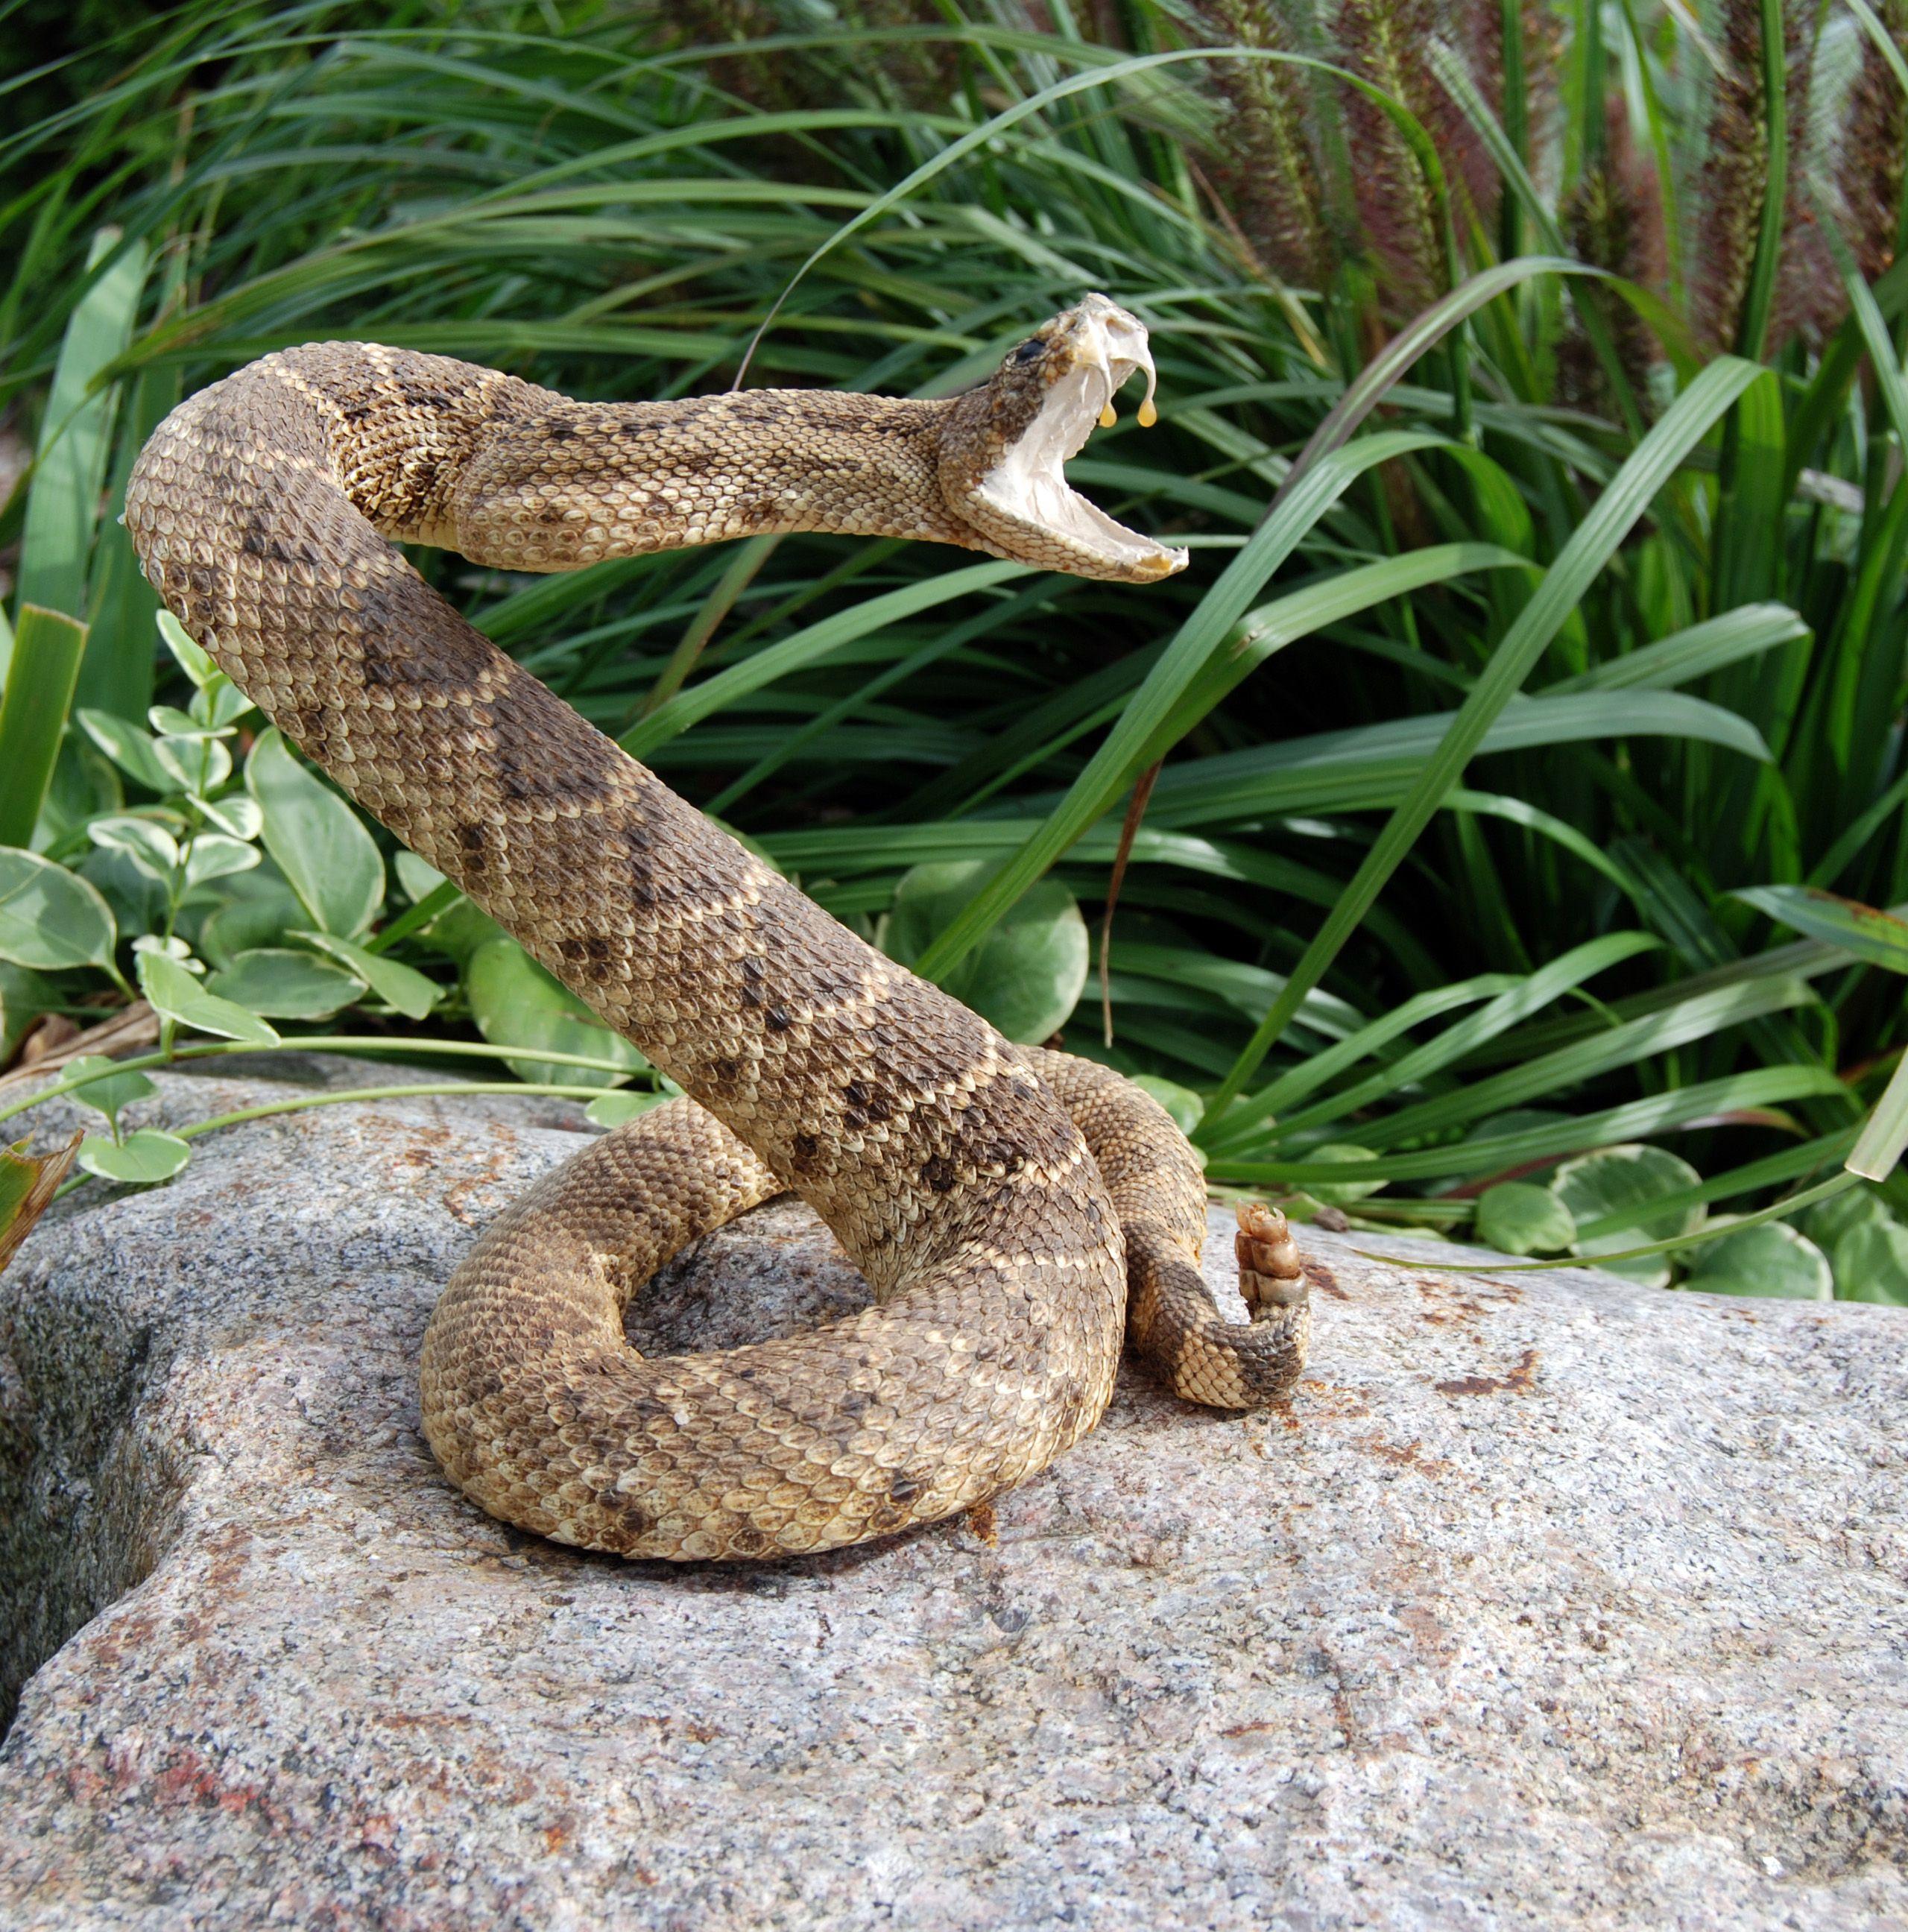 Snake Striking Side View